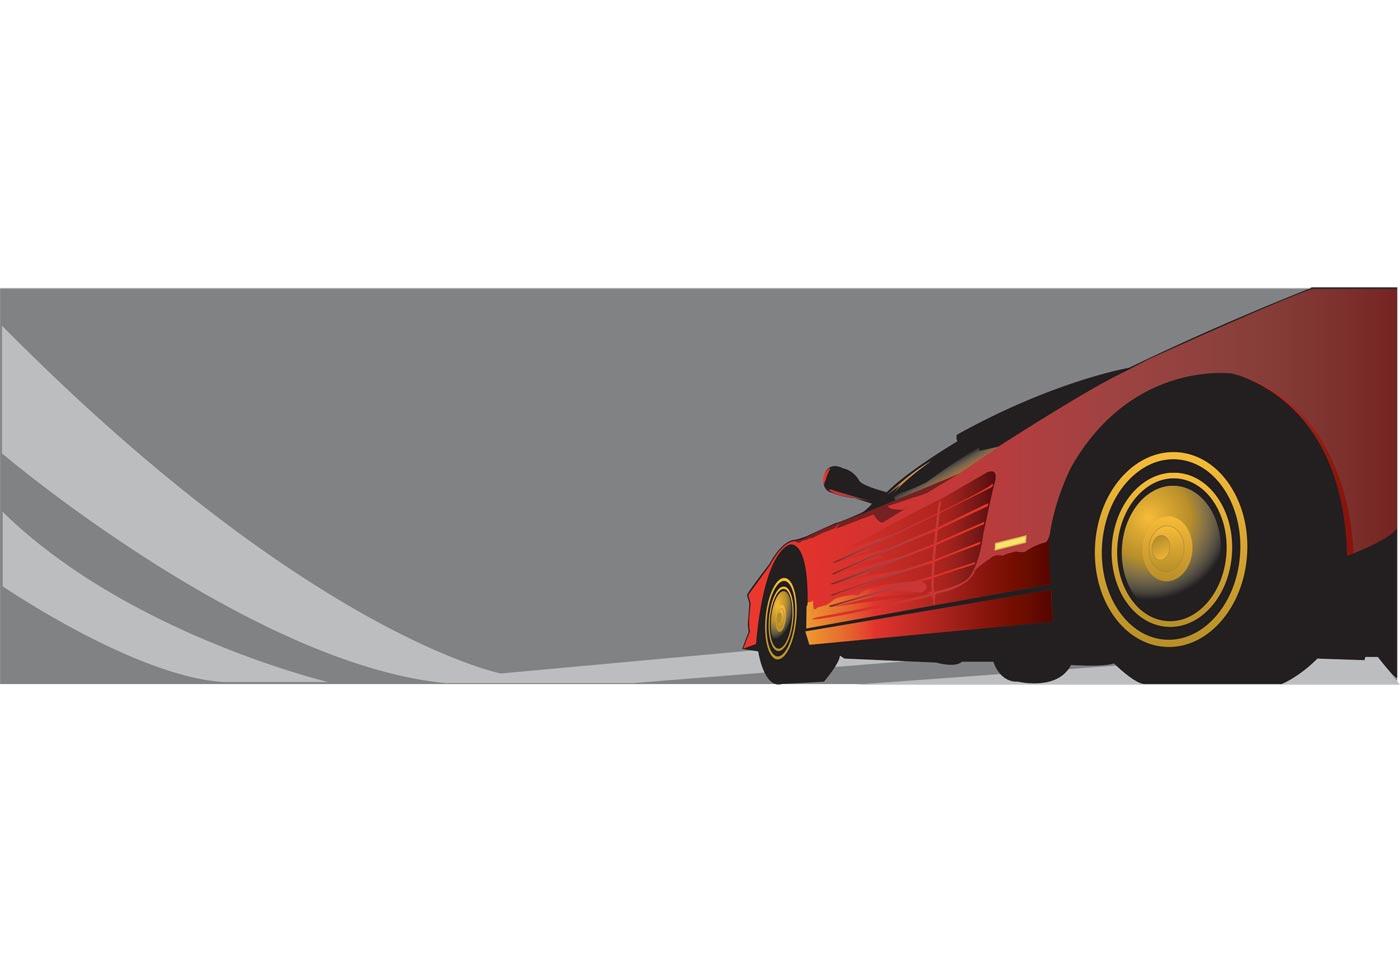 Race Car Vectors Free